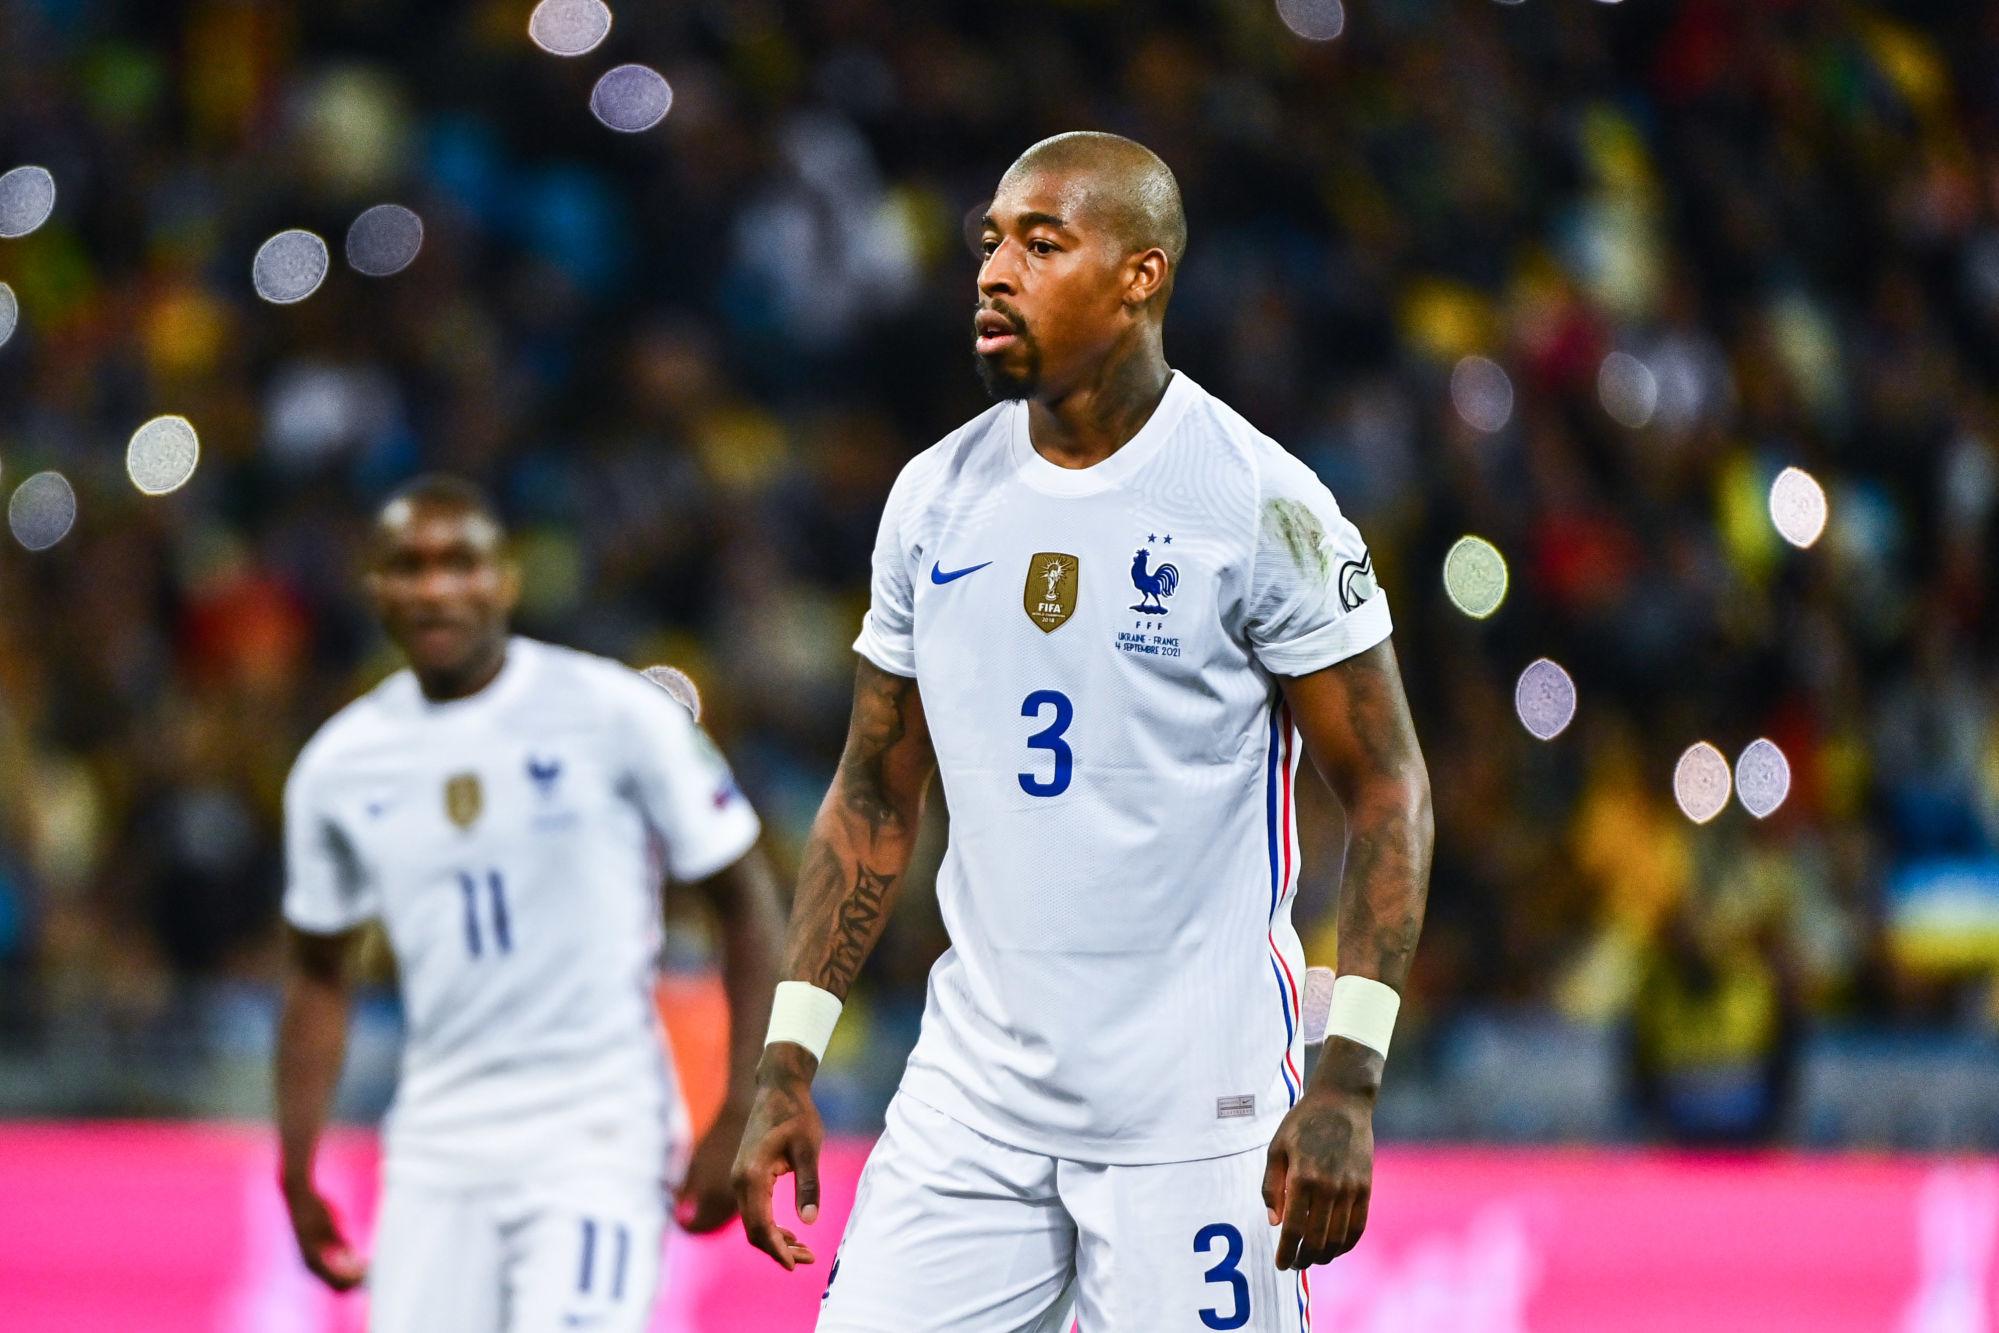 Espagne/France - L'équipe des Bleus, Kimpembe pourrait finalement être titulaire